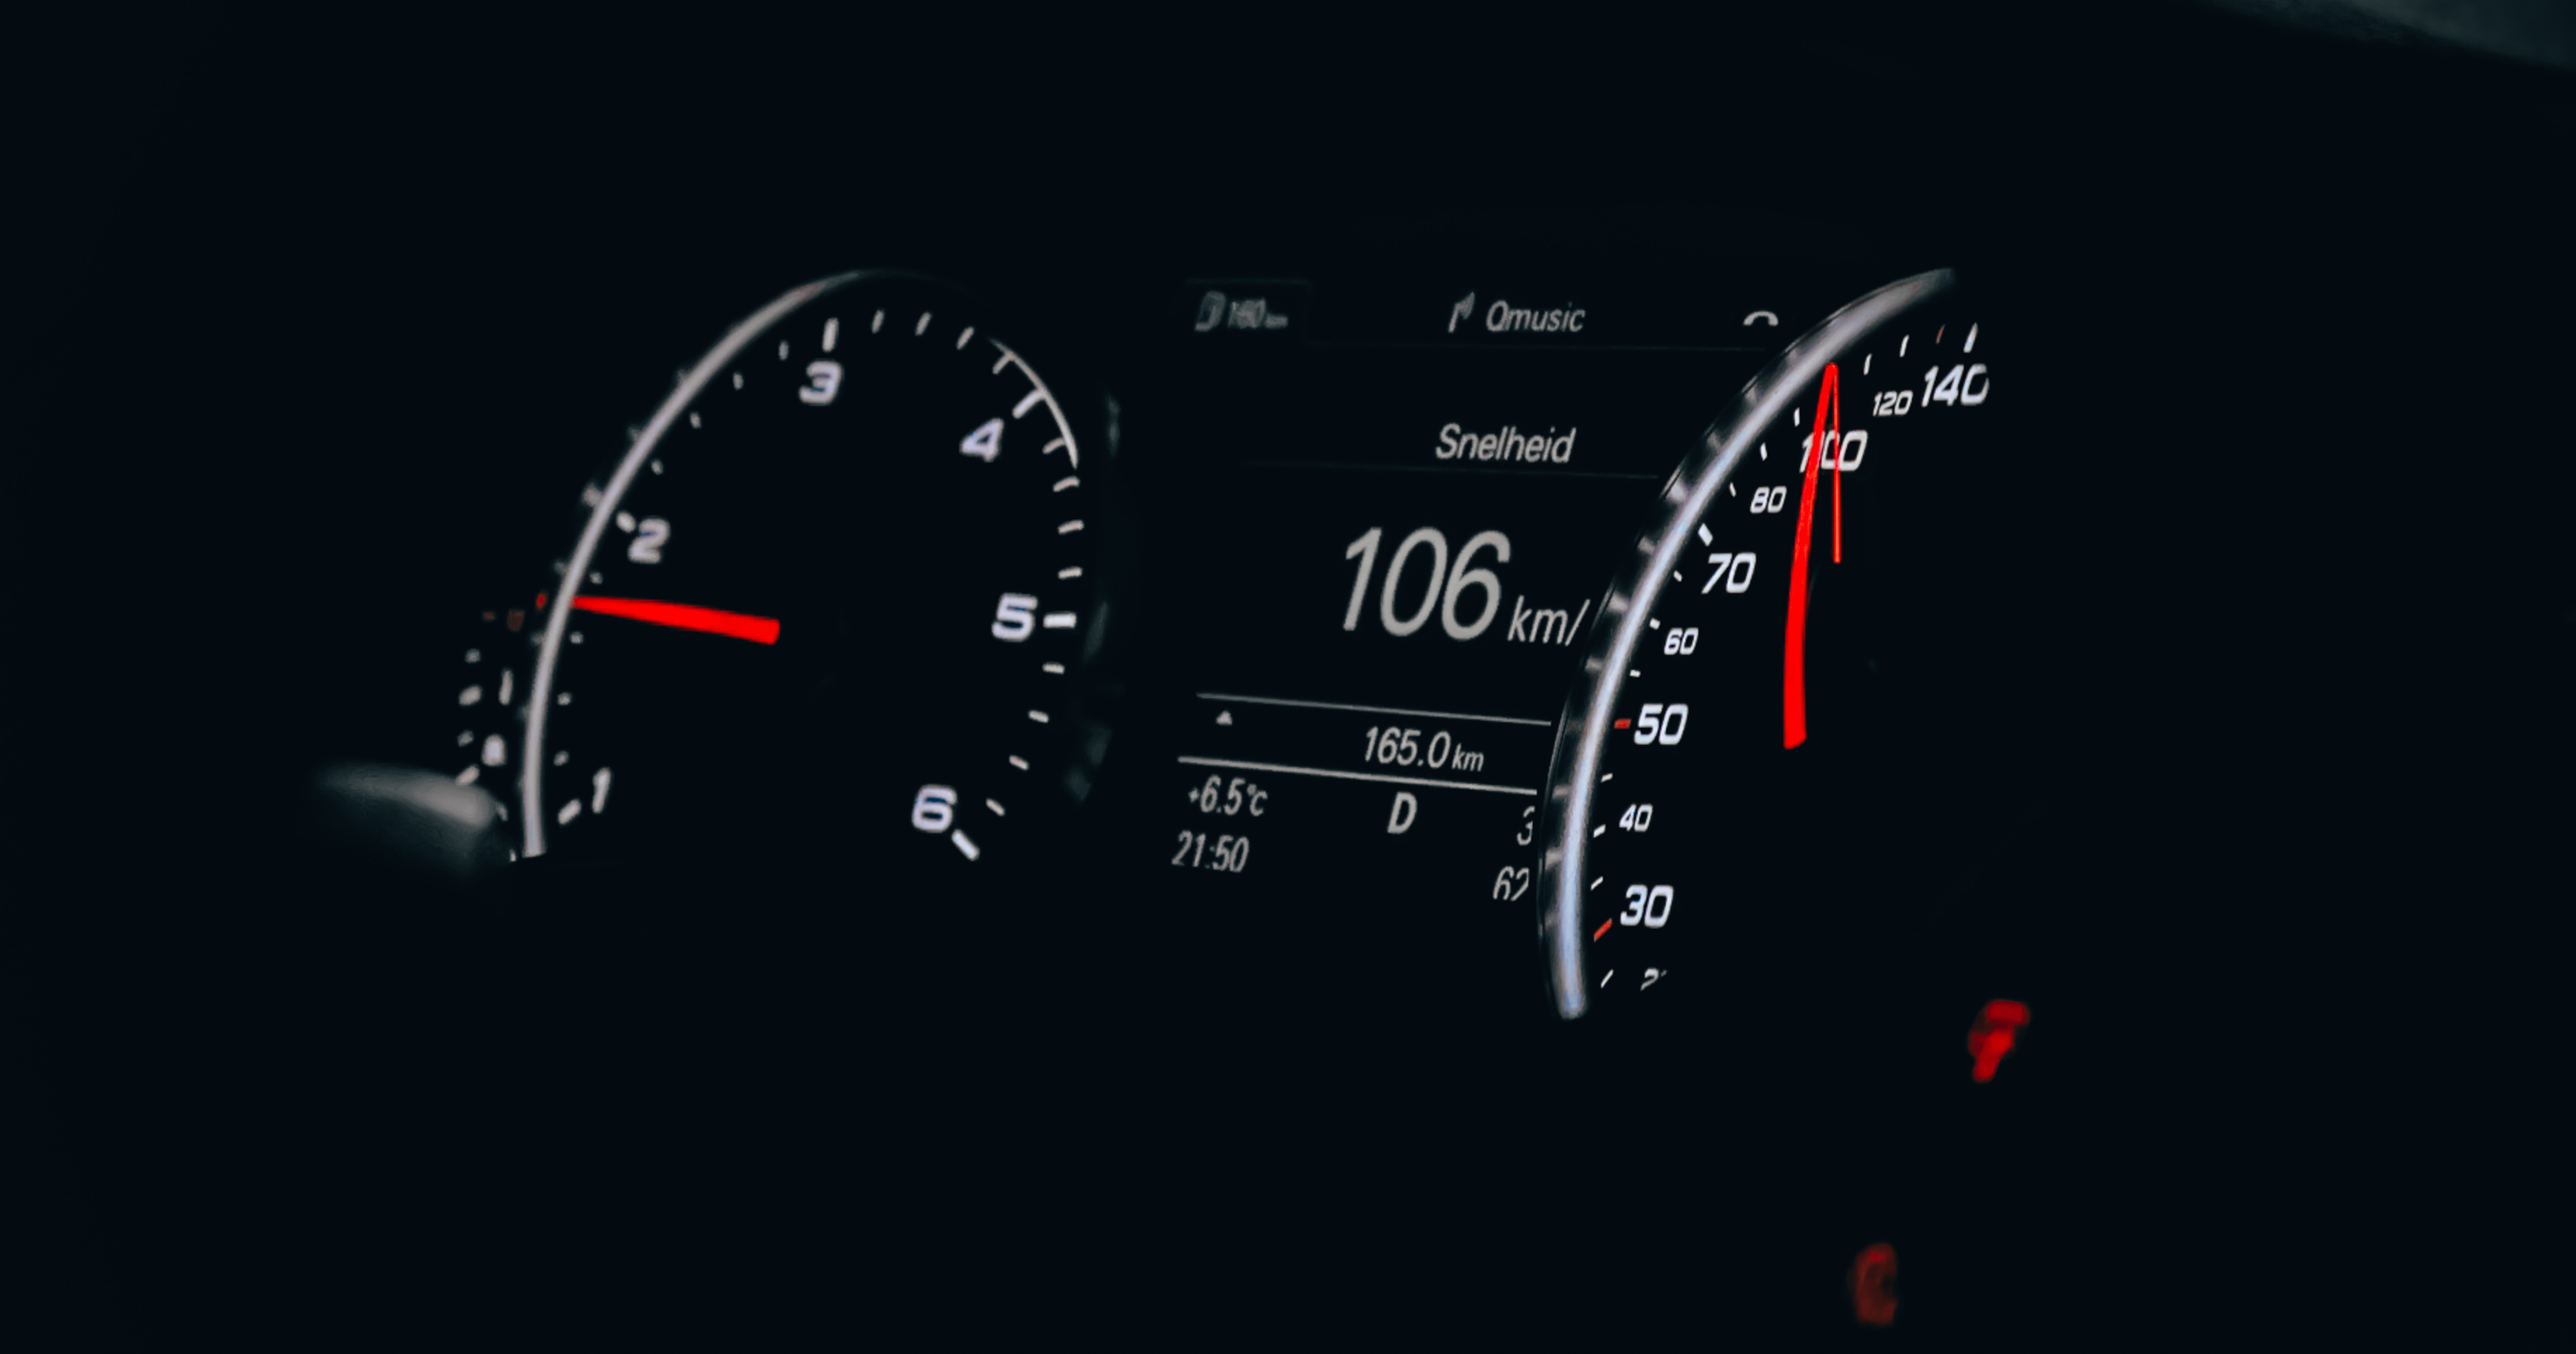 155926 Hintergrundbild herunterladen Cars, Pfeil, Der Verkehr, Bewegung, Geschwindigkeit, Tachometer, Tacho - Bildschirmschoner und Bilder kostenlos